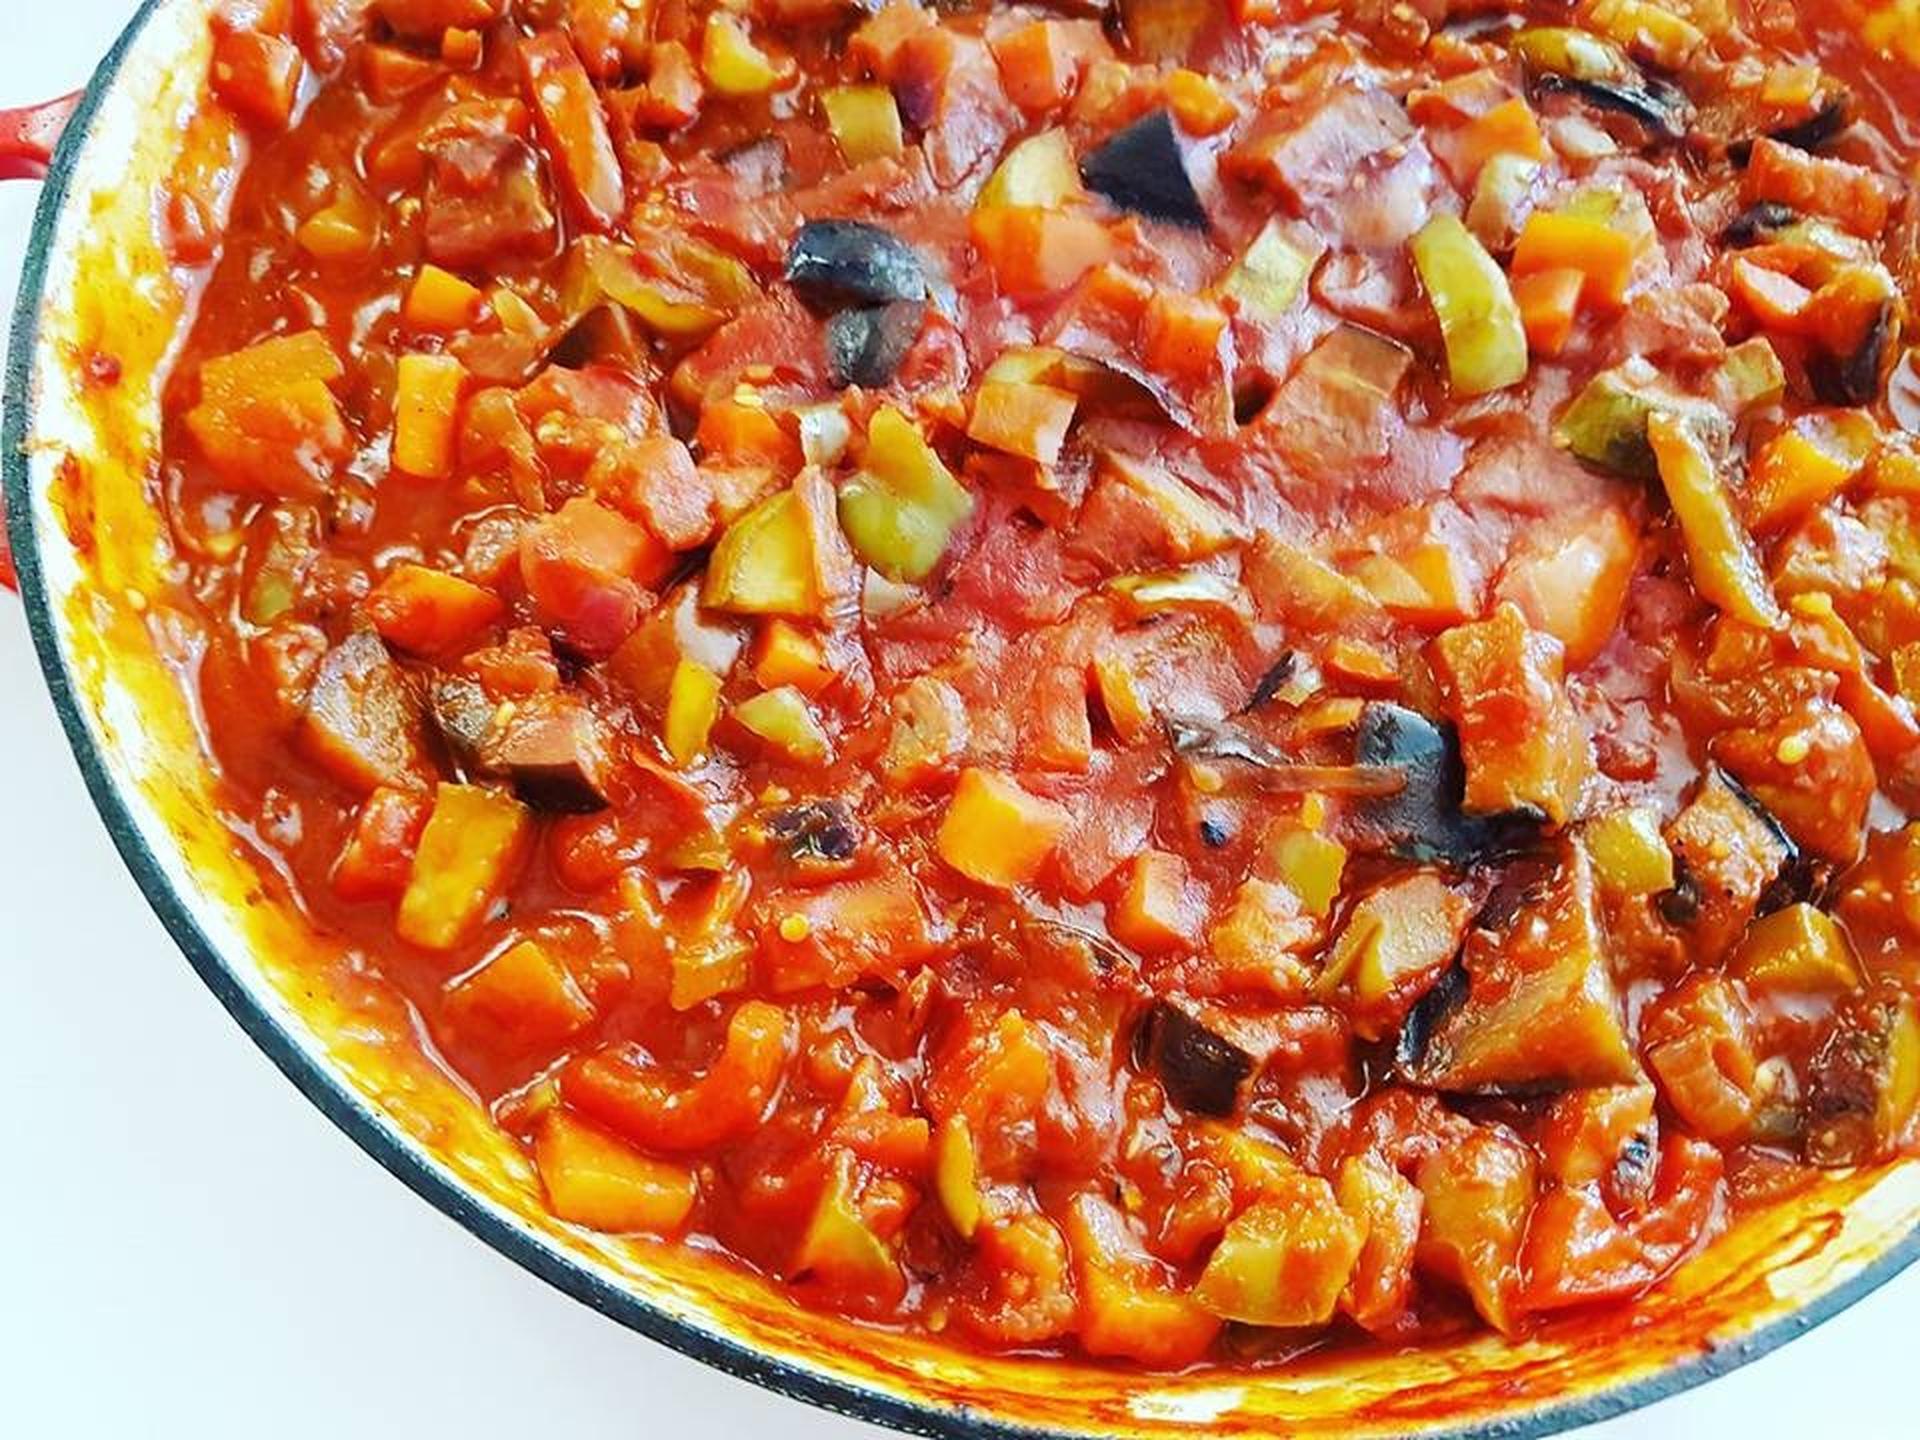 גיבץ' או ירקות מבושלים - העיקר שזה טעים. צילום: אלונה זוהר